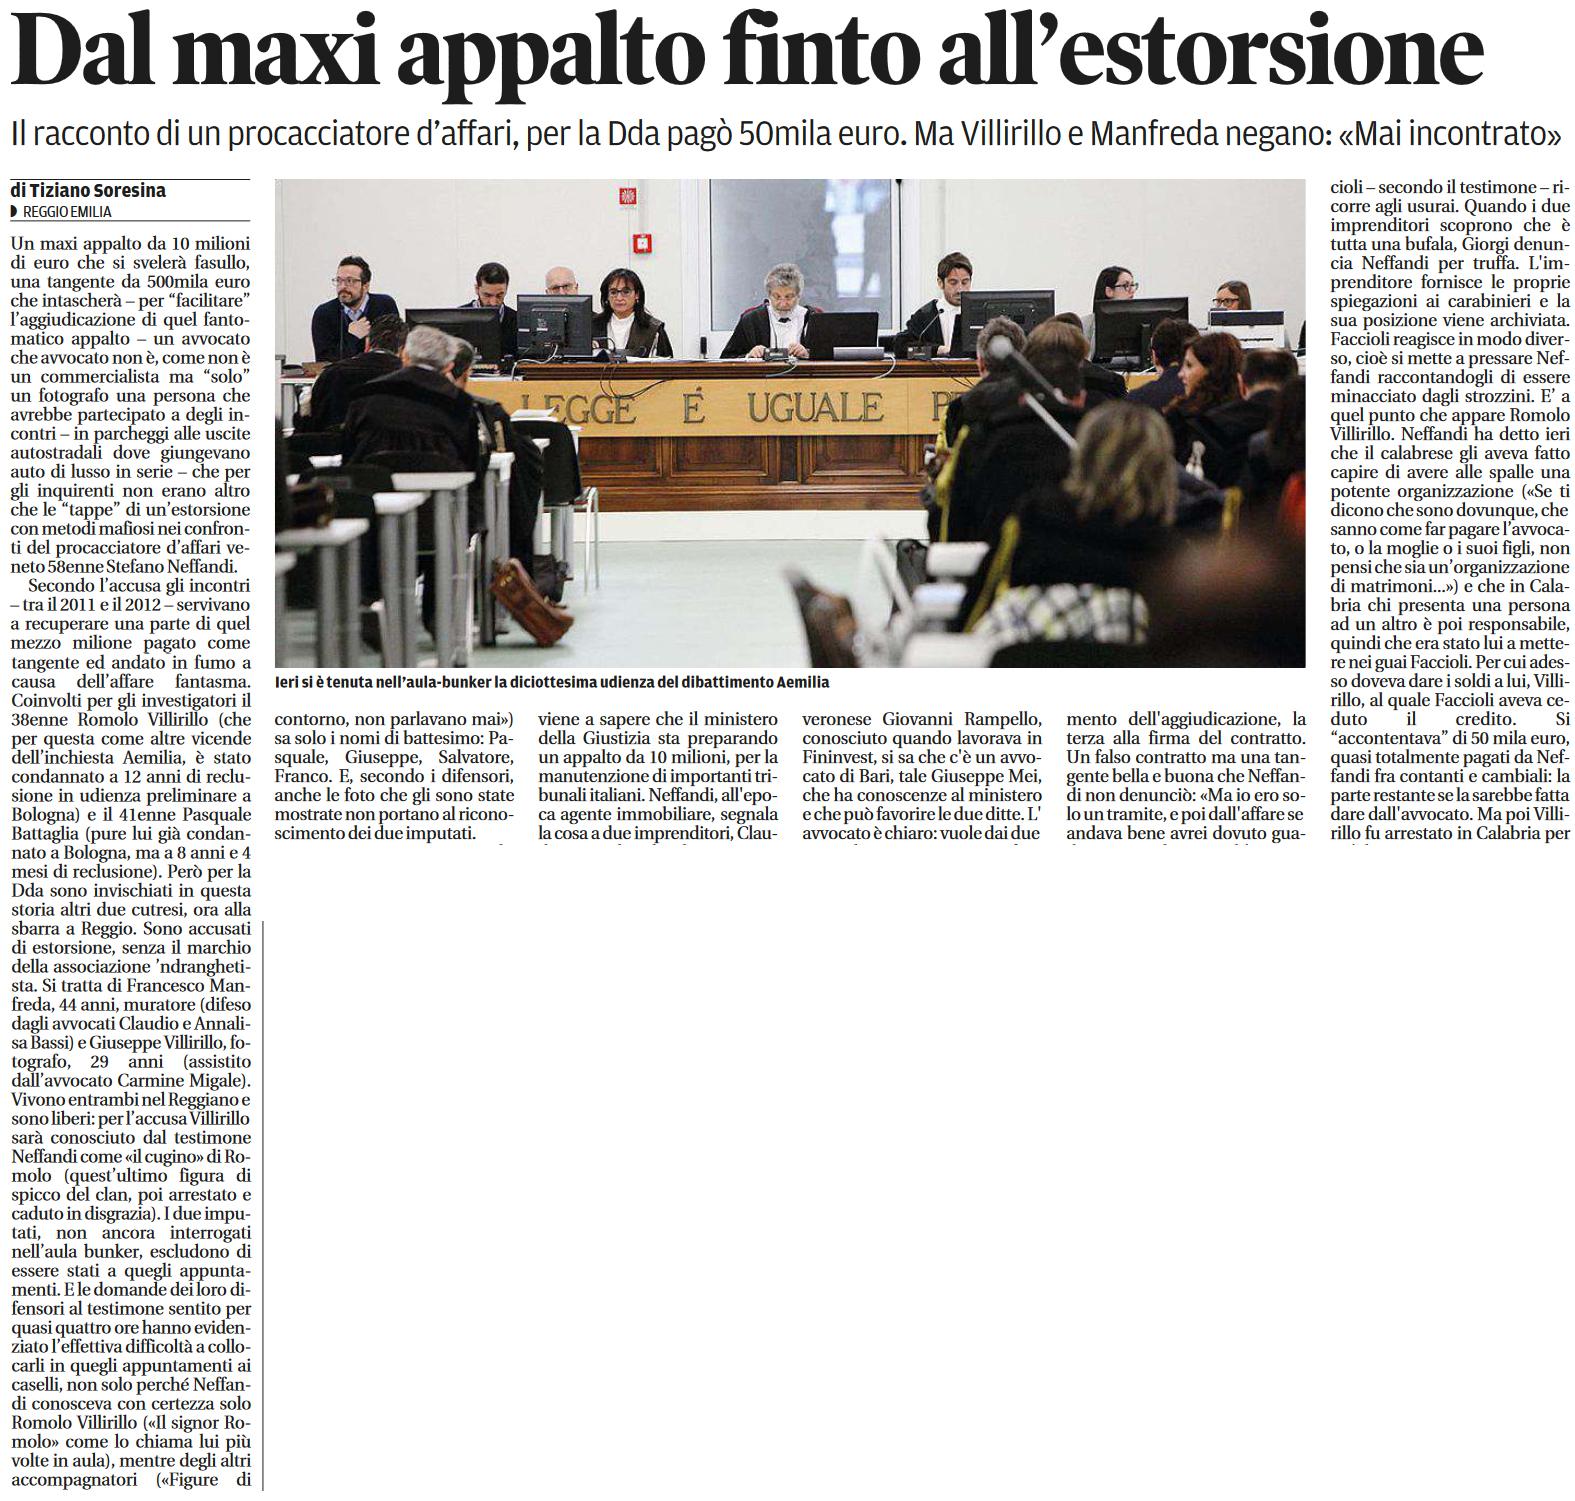 Maxi-appalto finto / estorsione